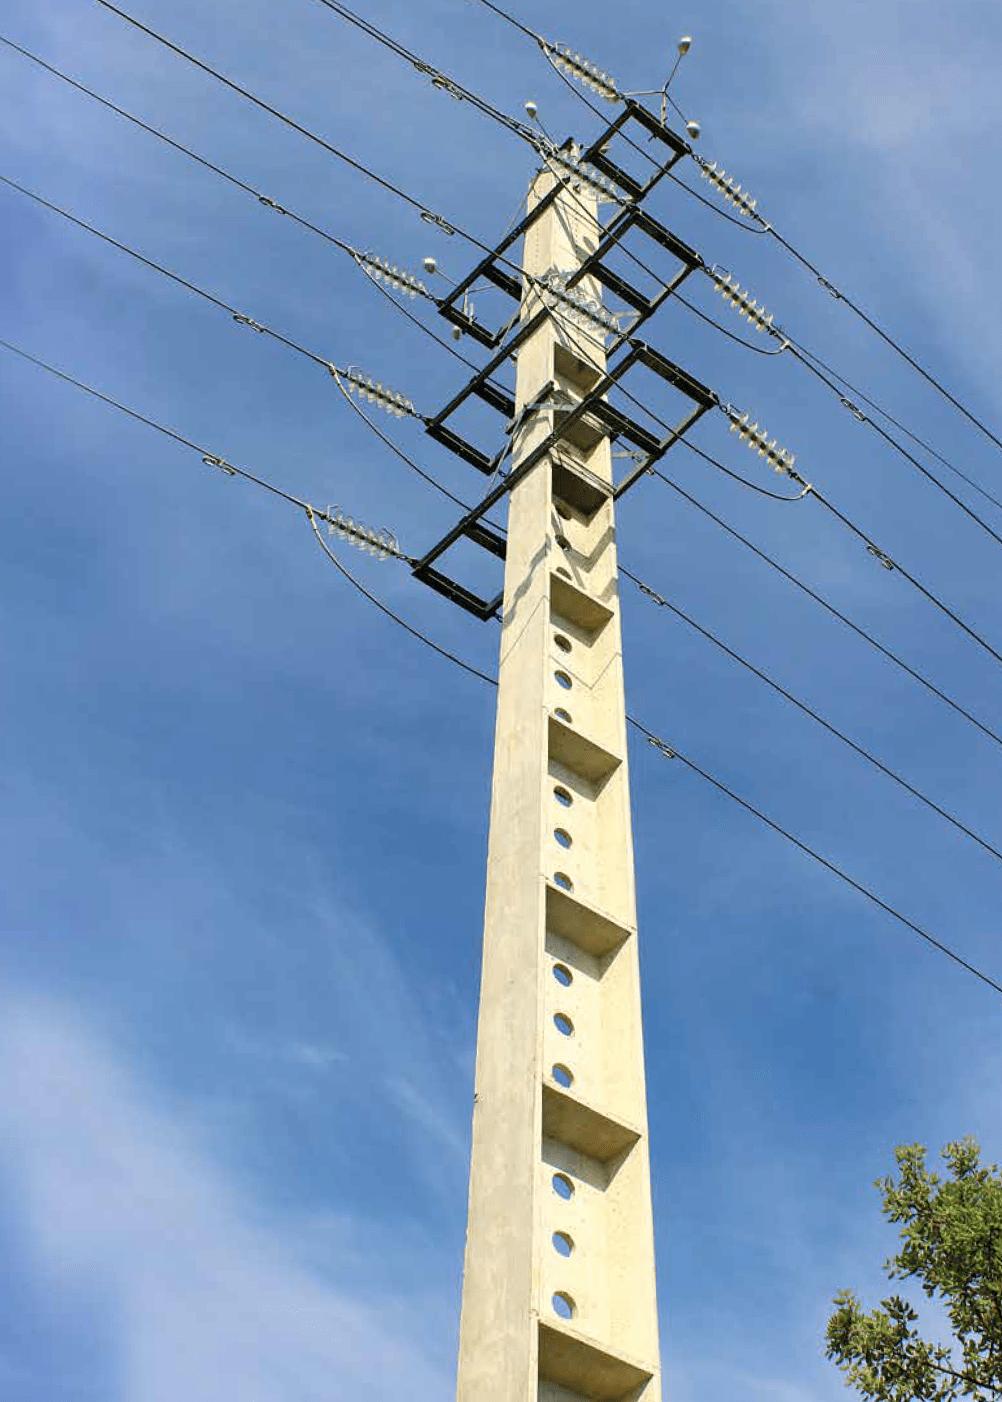 reliability-kpis edp Portuguese Utility Aims to Enhance Green Image & Reliability KPIs Reliability KPIs